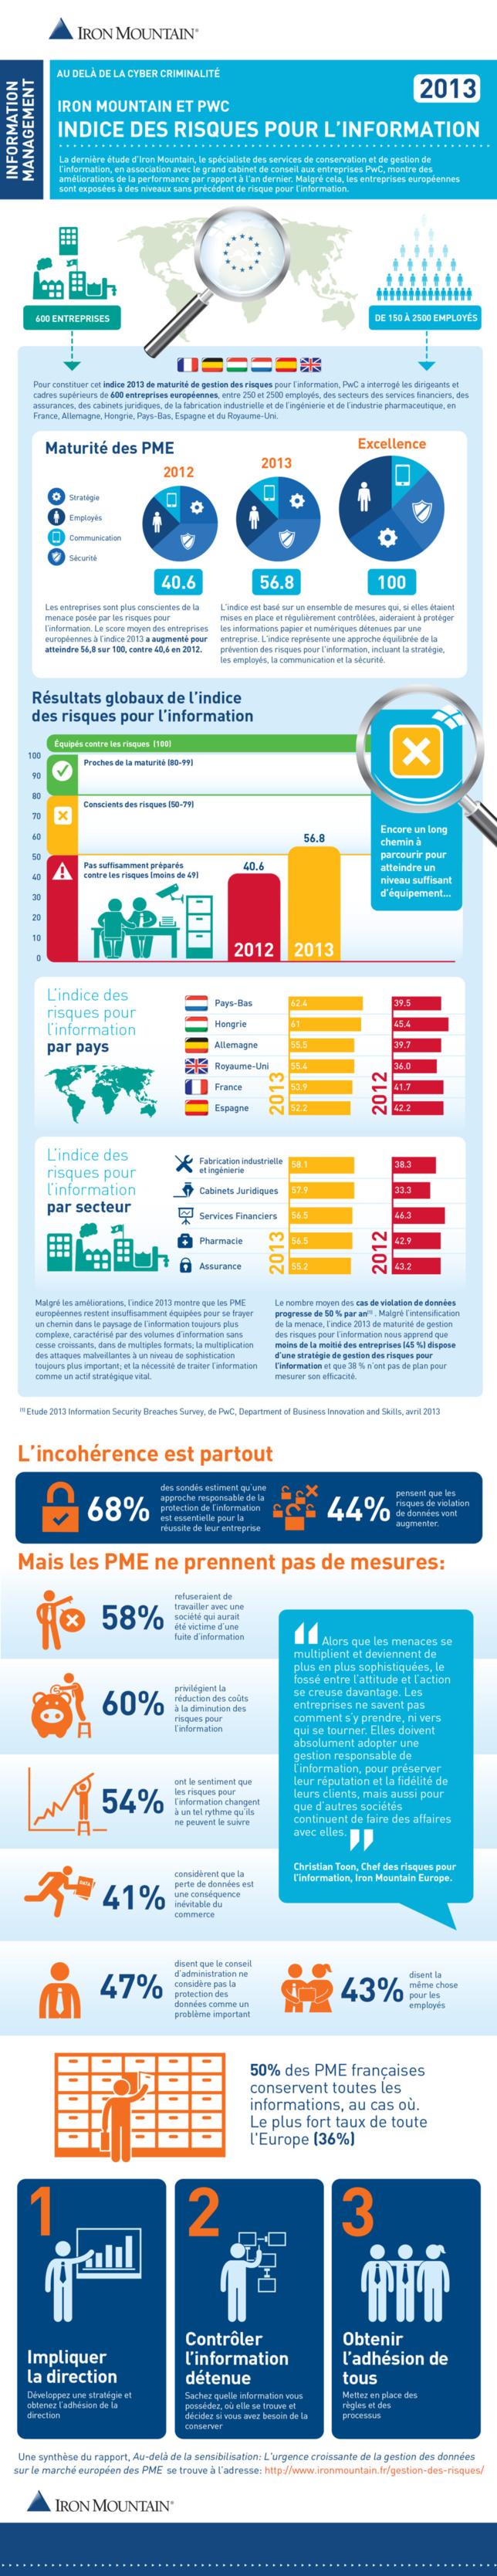 Pour 41% des entreprises la perte de données est une conséquence inévitable du commerce